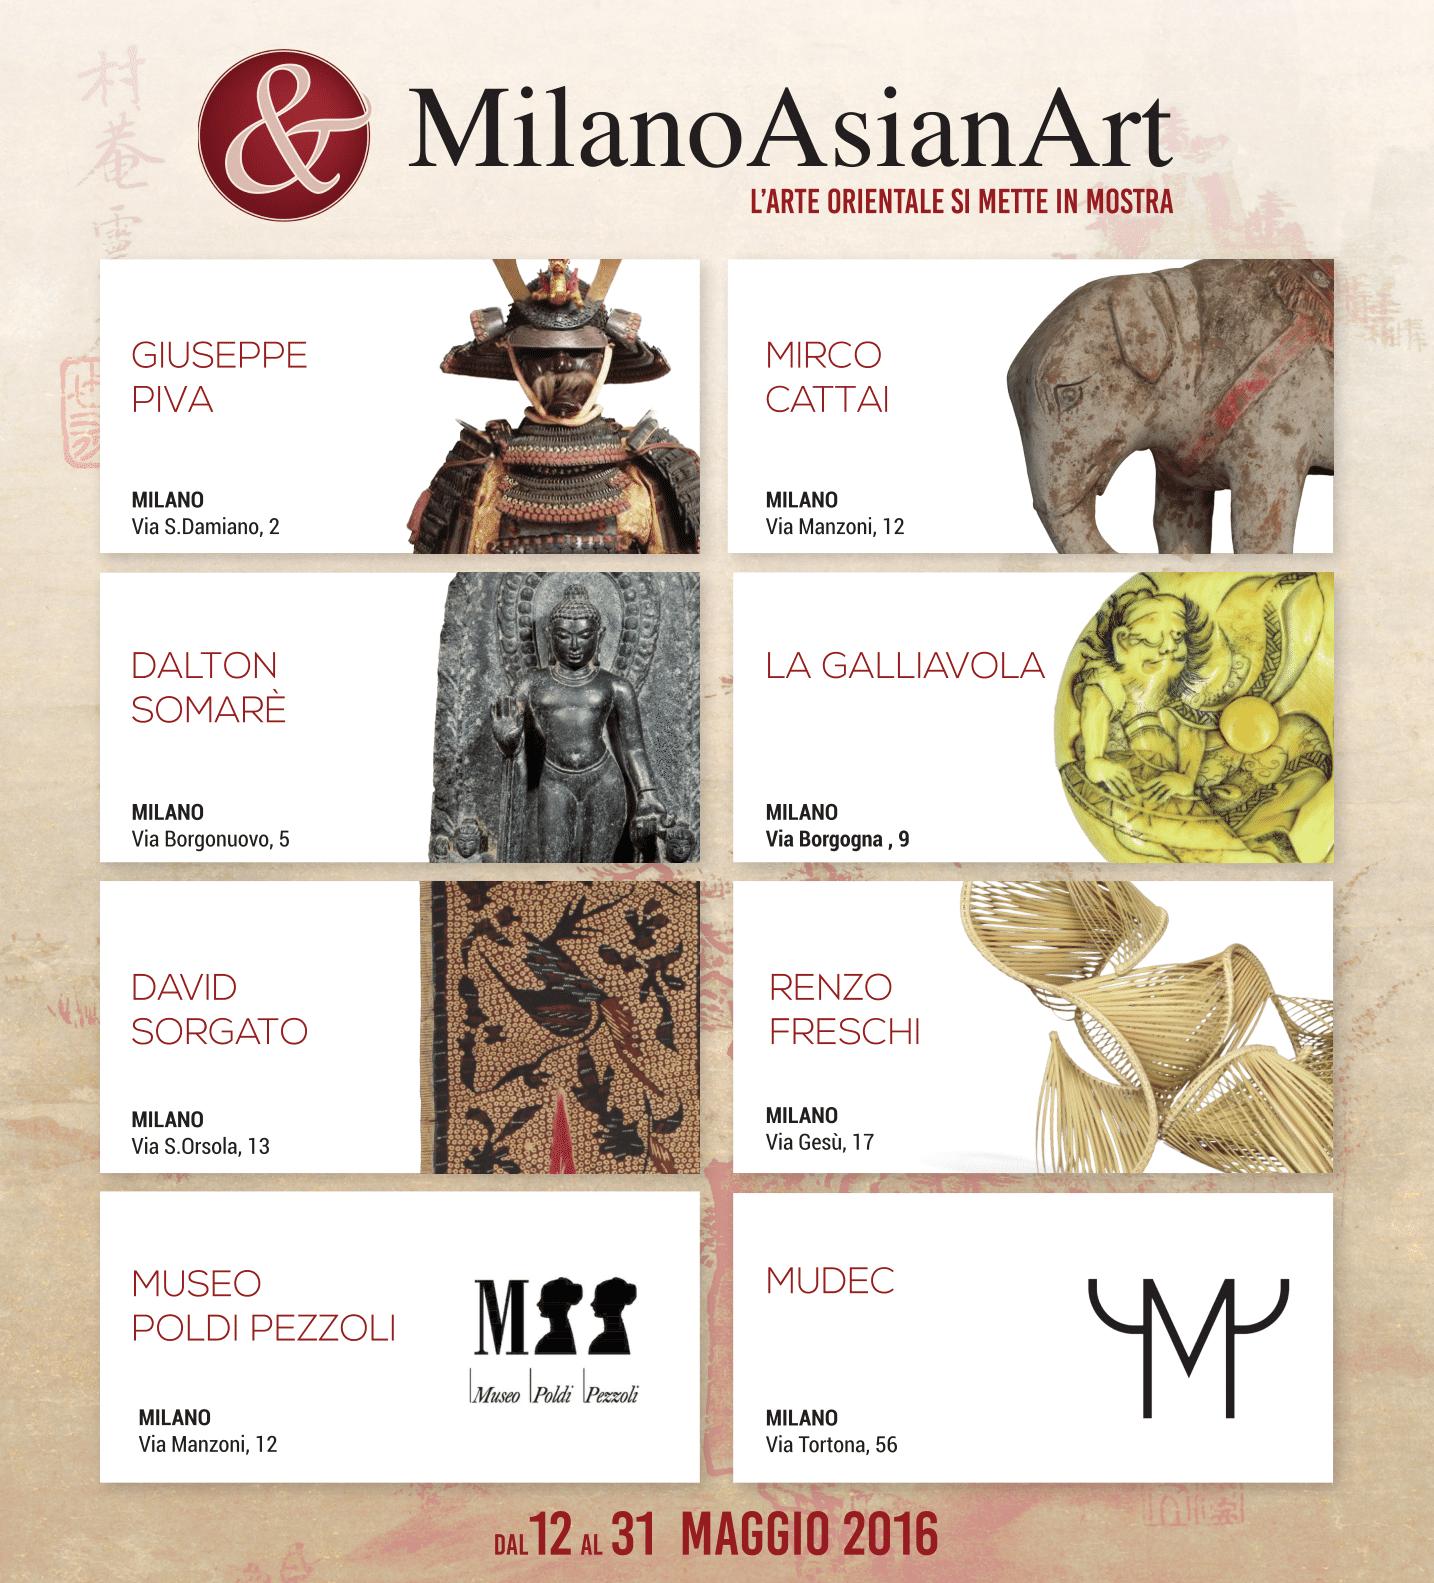 Milano Asian Art - La Galliavola